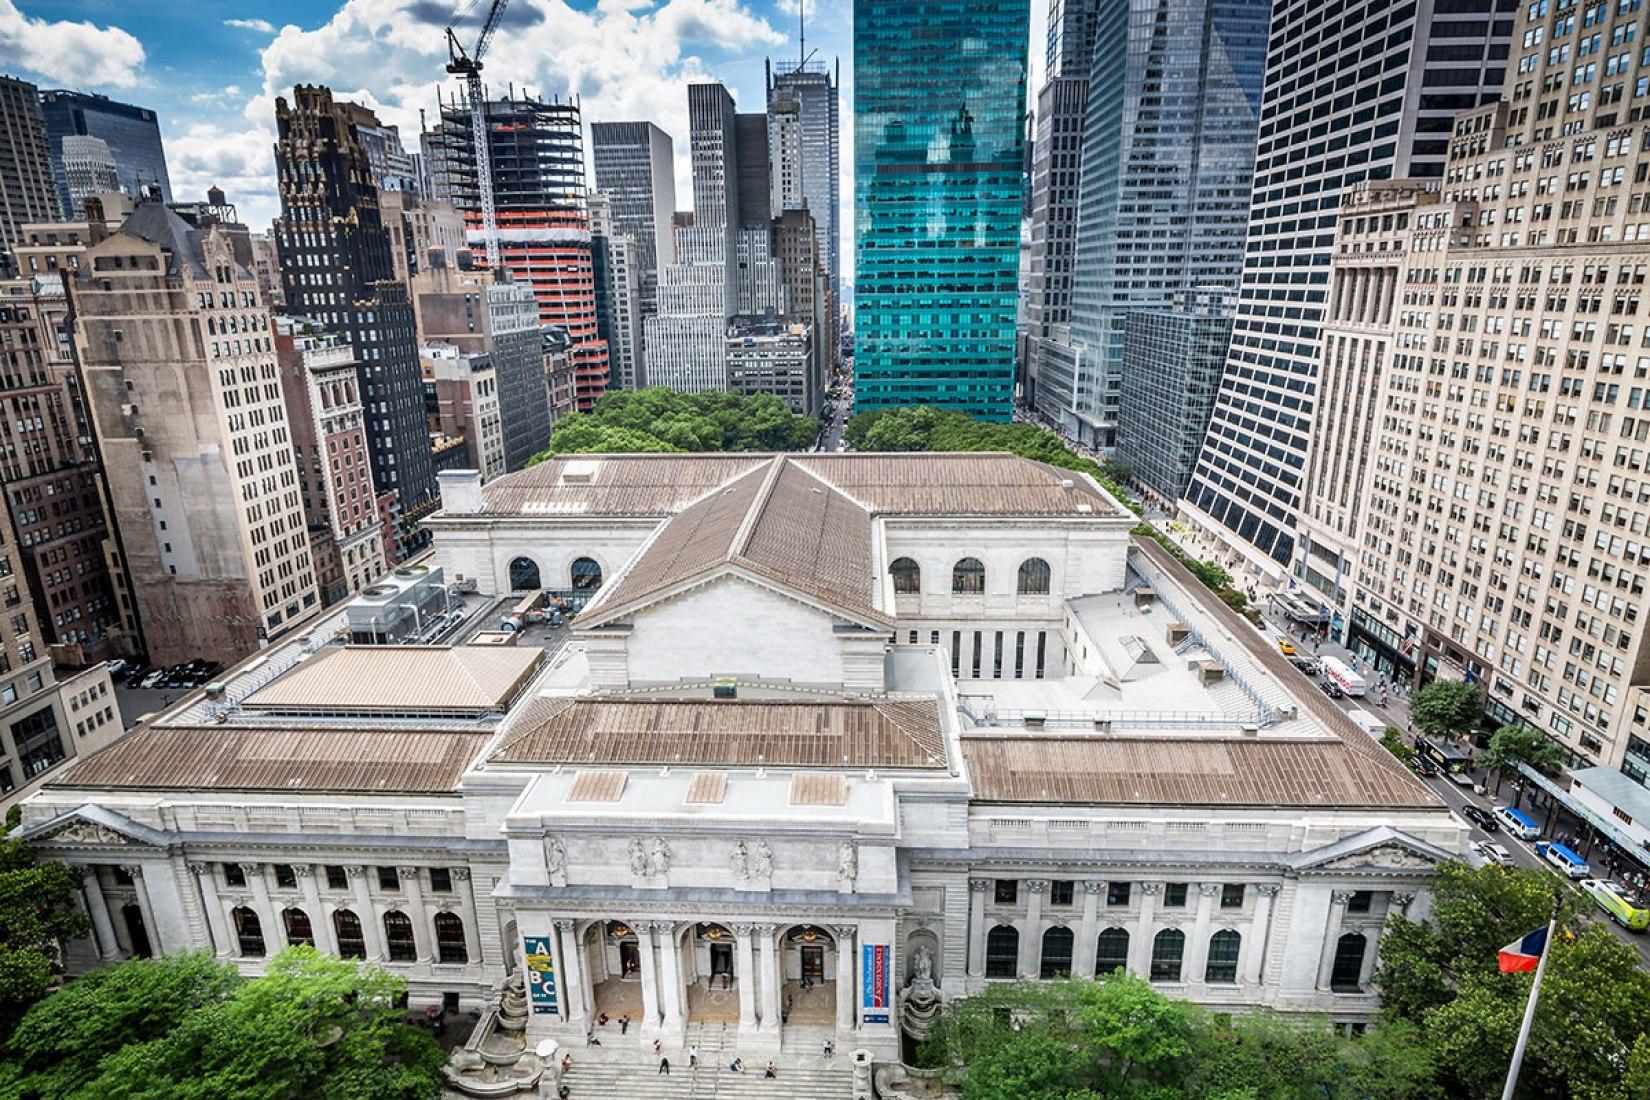 Vista general del edificio Stephen A. Schwarzman. Fotografía © Jonathan Blanc. Imagen cortesía de Mecanoo.